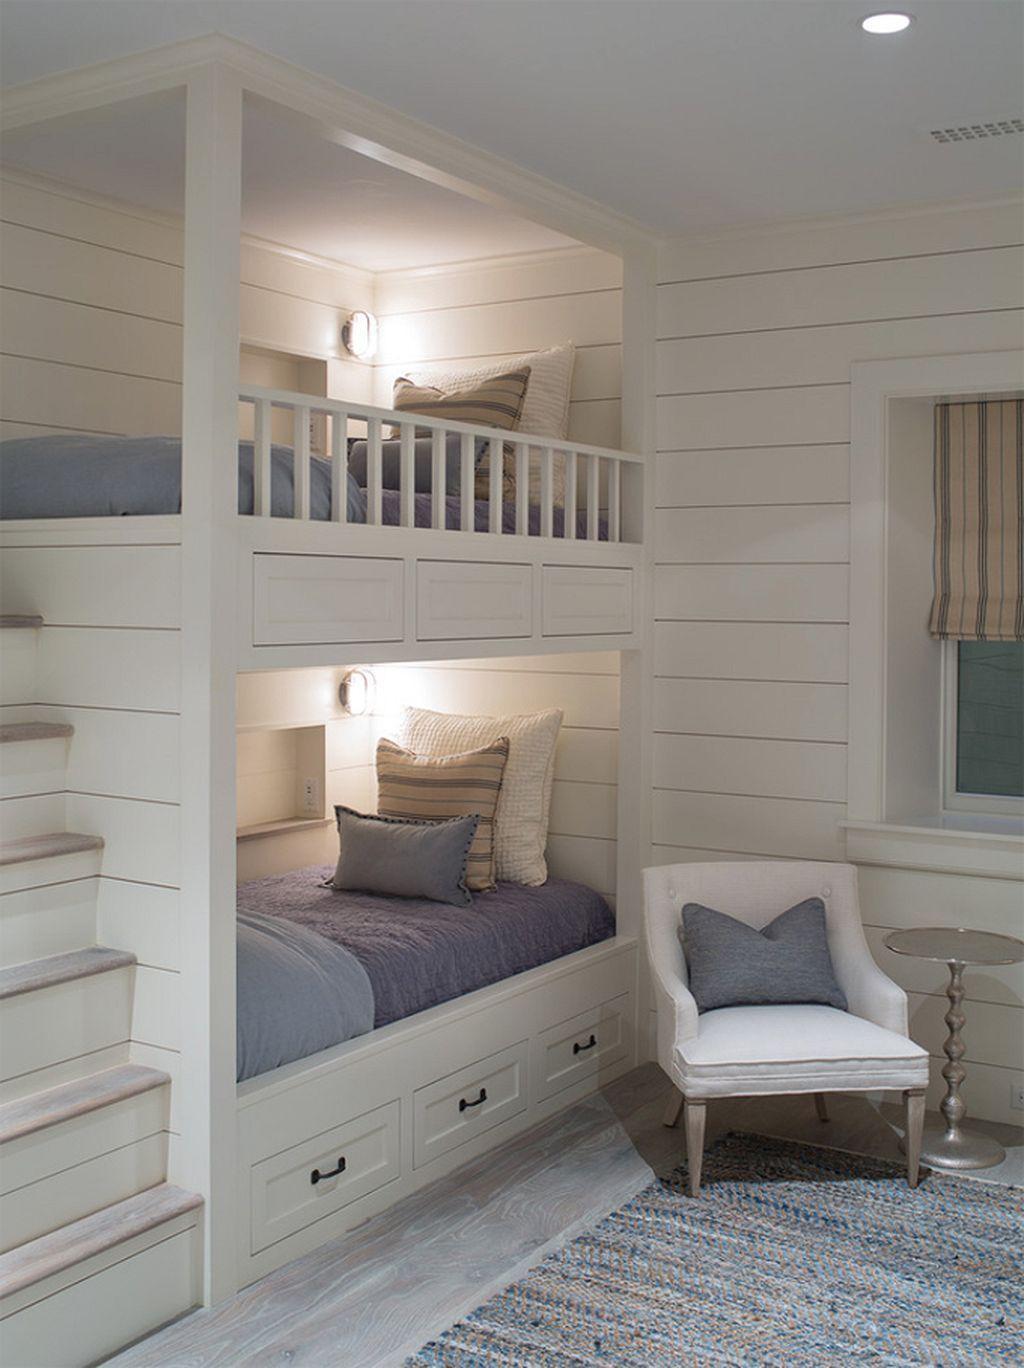 Loft bed ideas girls  Nice  Nantucket Home Design Ideas  Aluminum Stairs  Pinterest